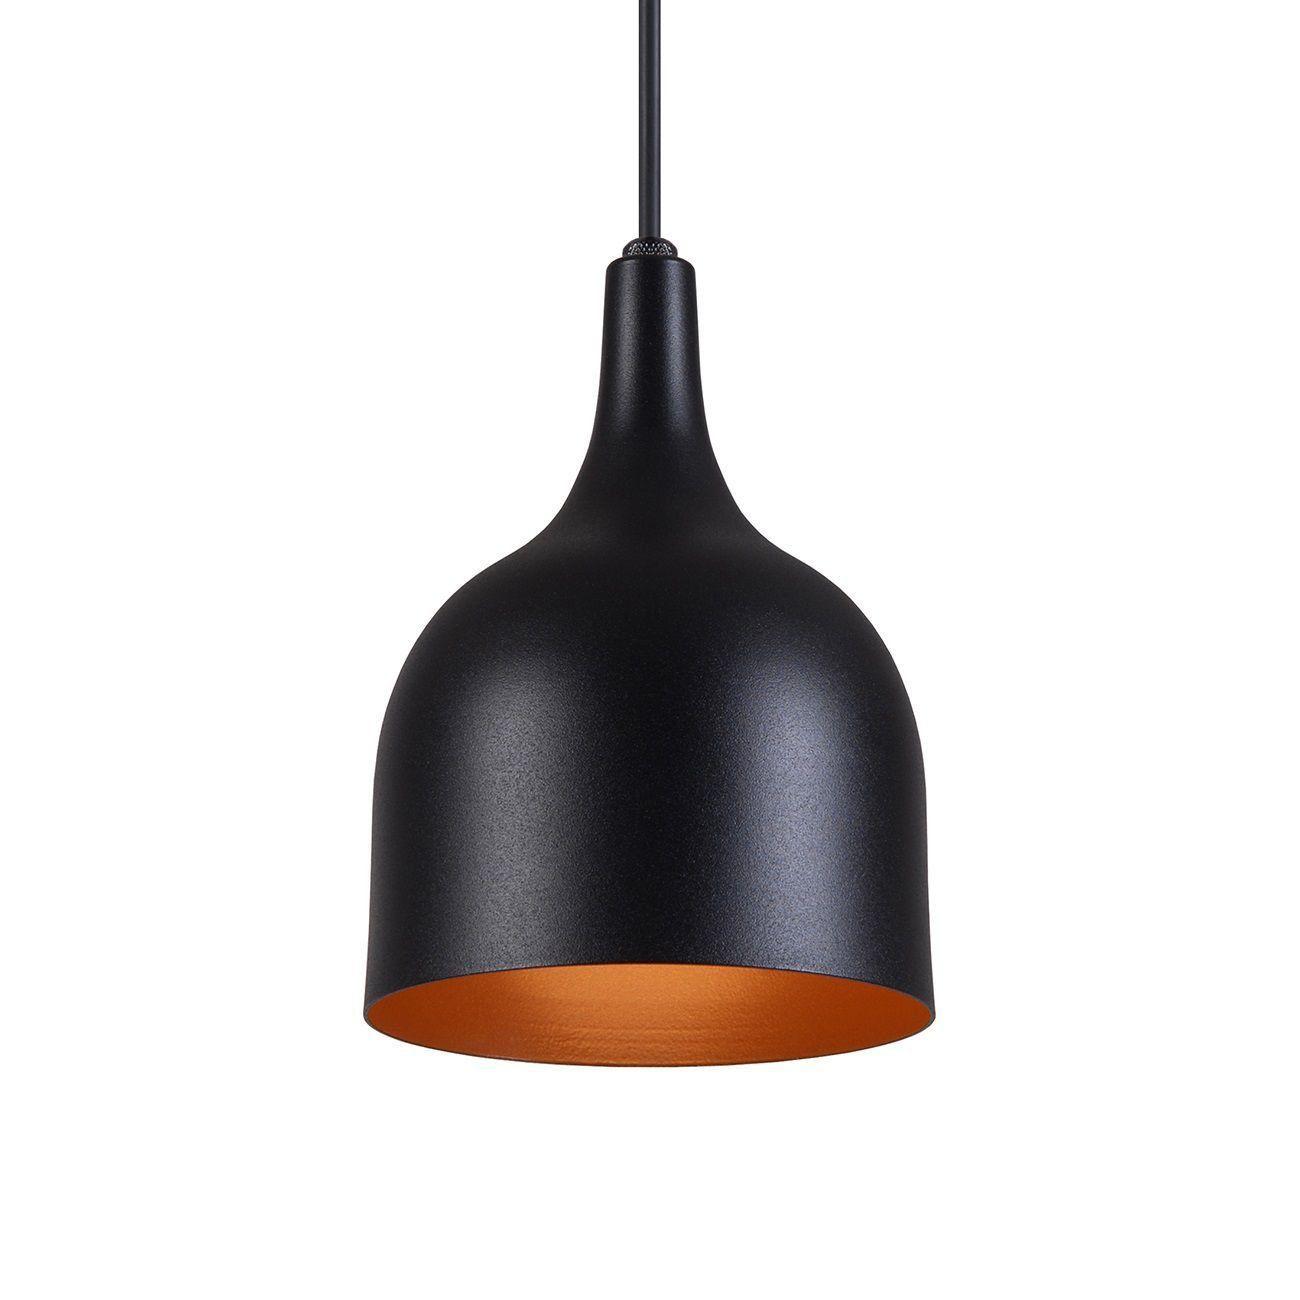 Pendente Gota Teat Luminária Lustre Alumínio Preto Textura C/ Cobre - Rei Da Iluminação